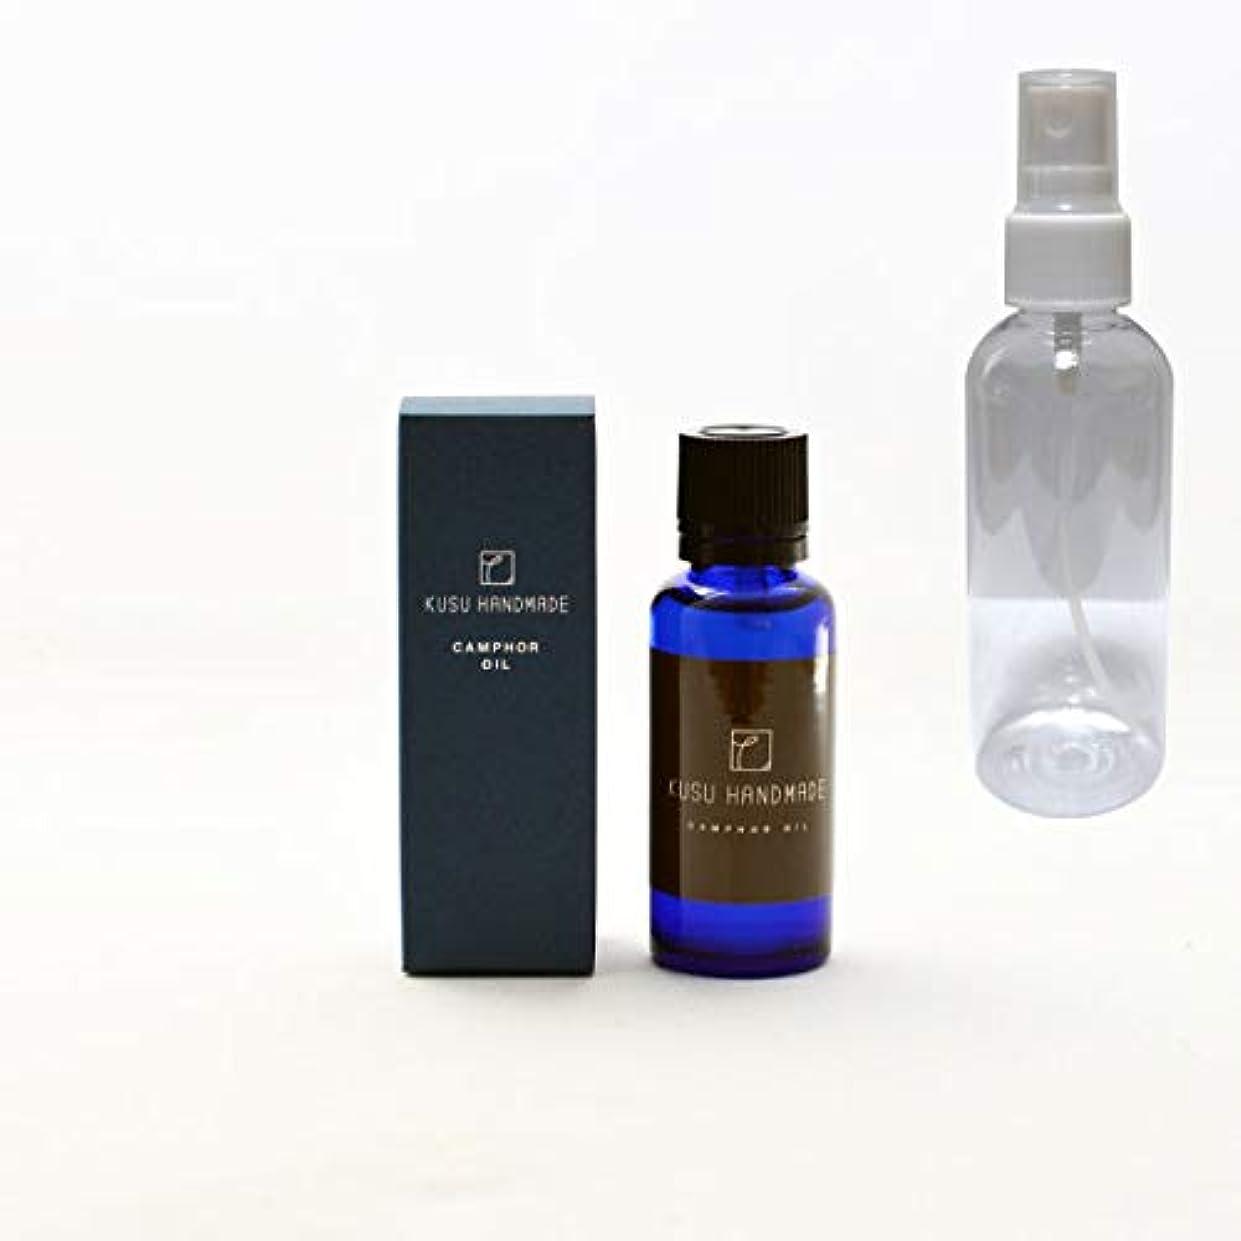 フィットネスオフ干ばつKUSU HANDMADE カンフルオイル 30ml くすのき油 樟脳油 エッセンシャルオイル アロマバス 虫除け 便利なスプレーボトルセット